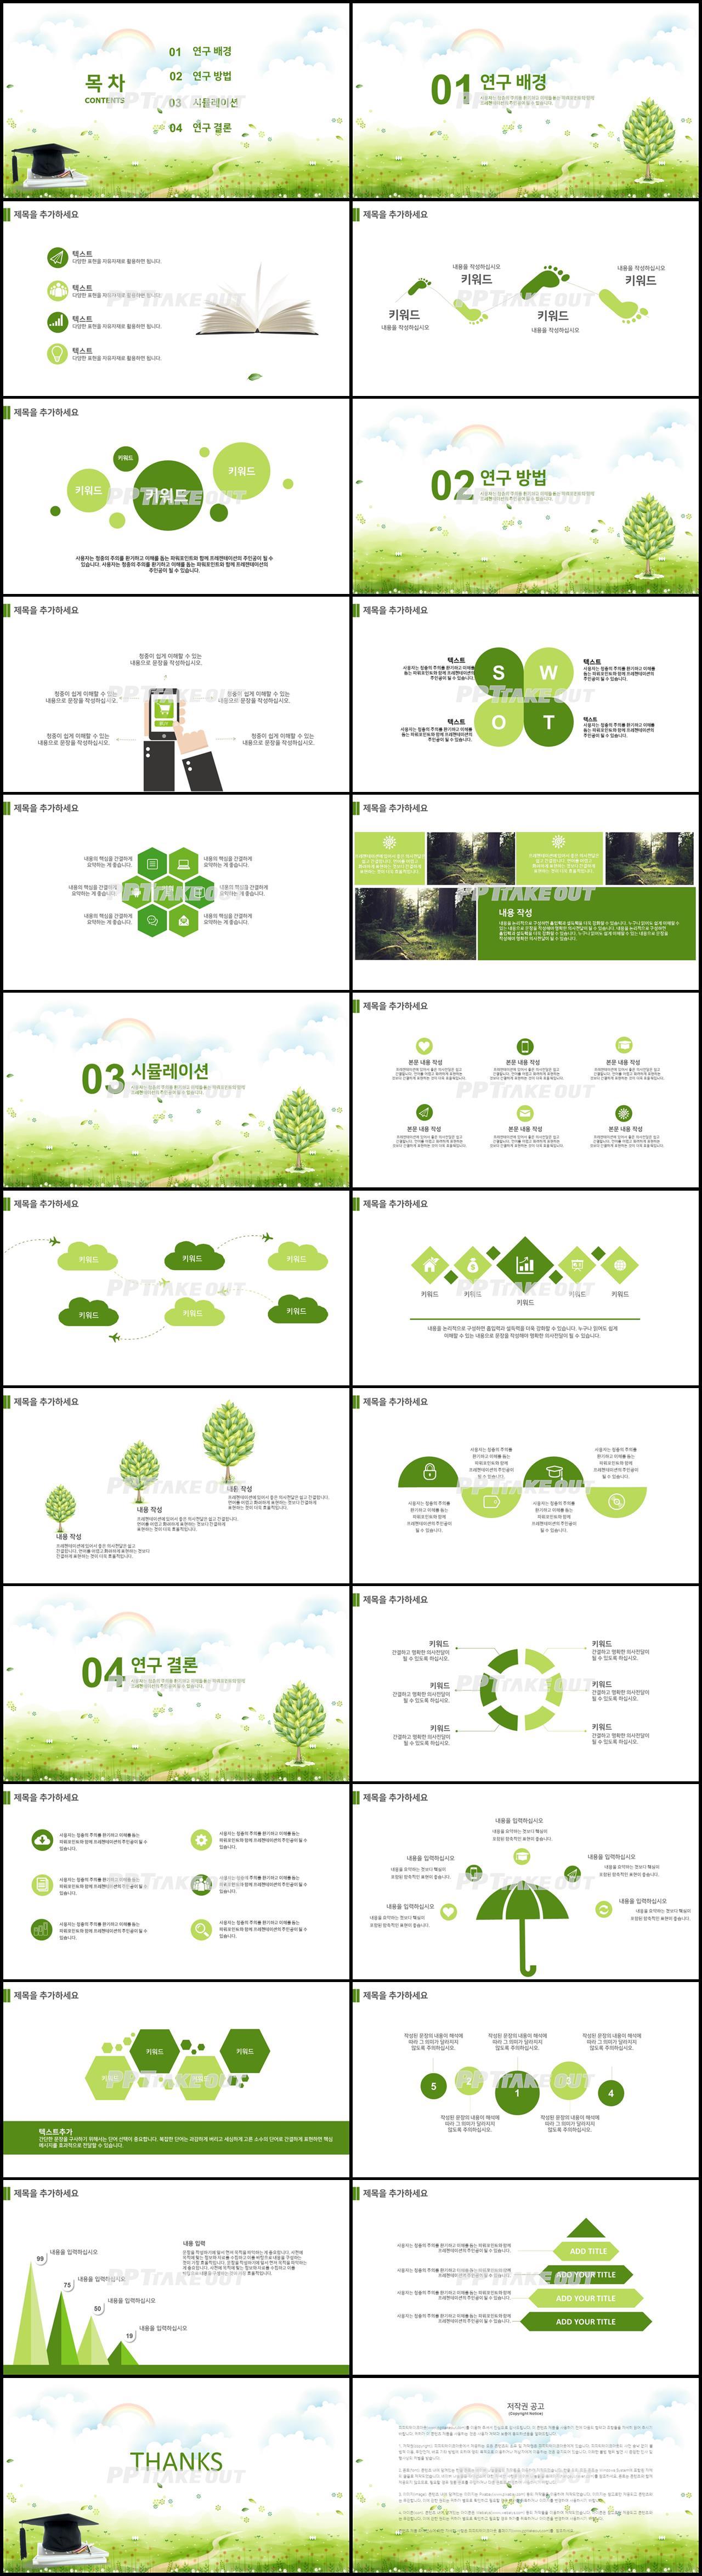 논문주제 녹색 단정한 고퀄리티 PPT테마 제작 상세보기